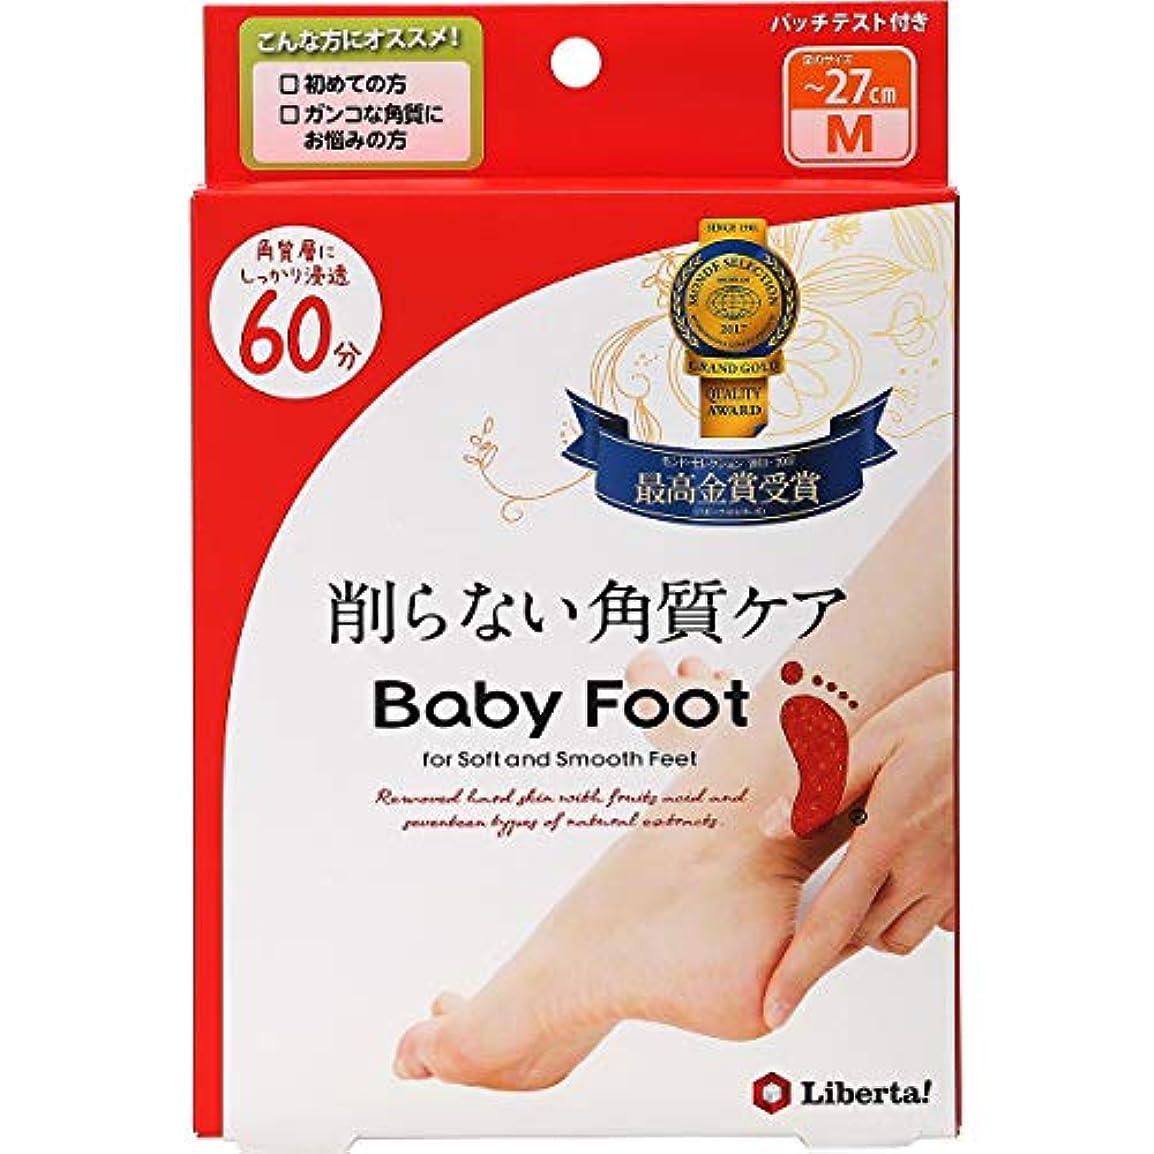 くるくる百年浮くベビーフット (Baby Foot) ベビーフット イージーパック SPT60分タイプ Mサイズ 単品